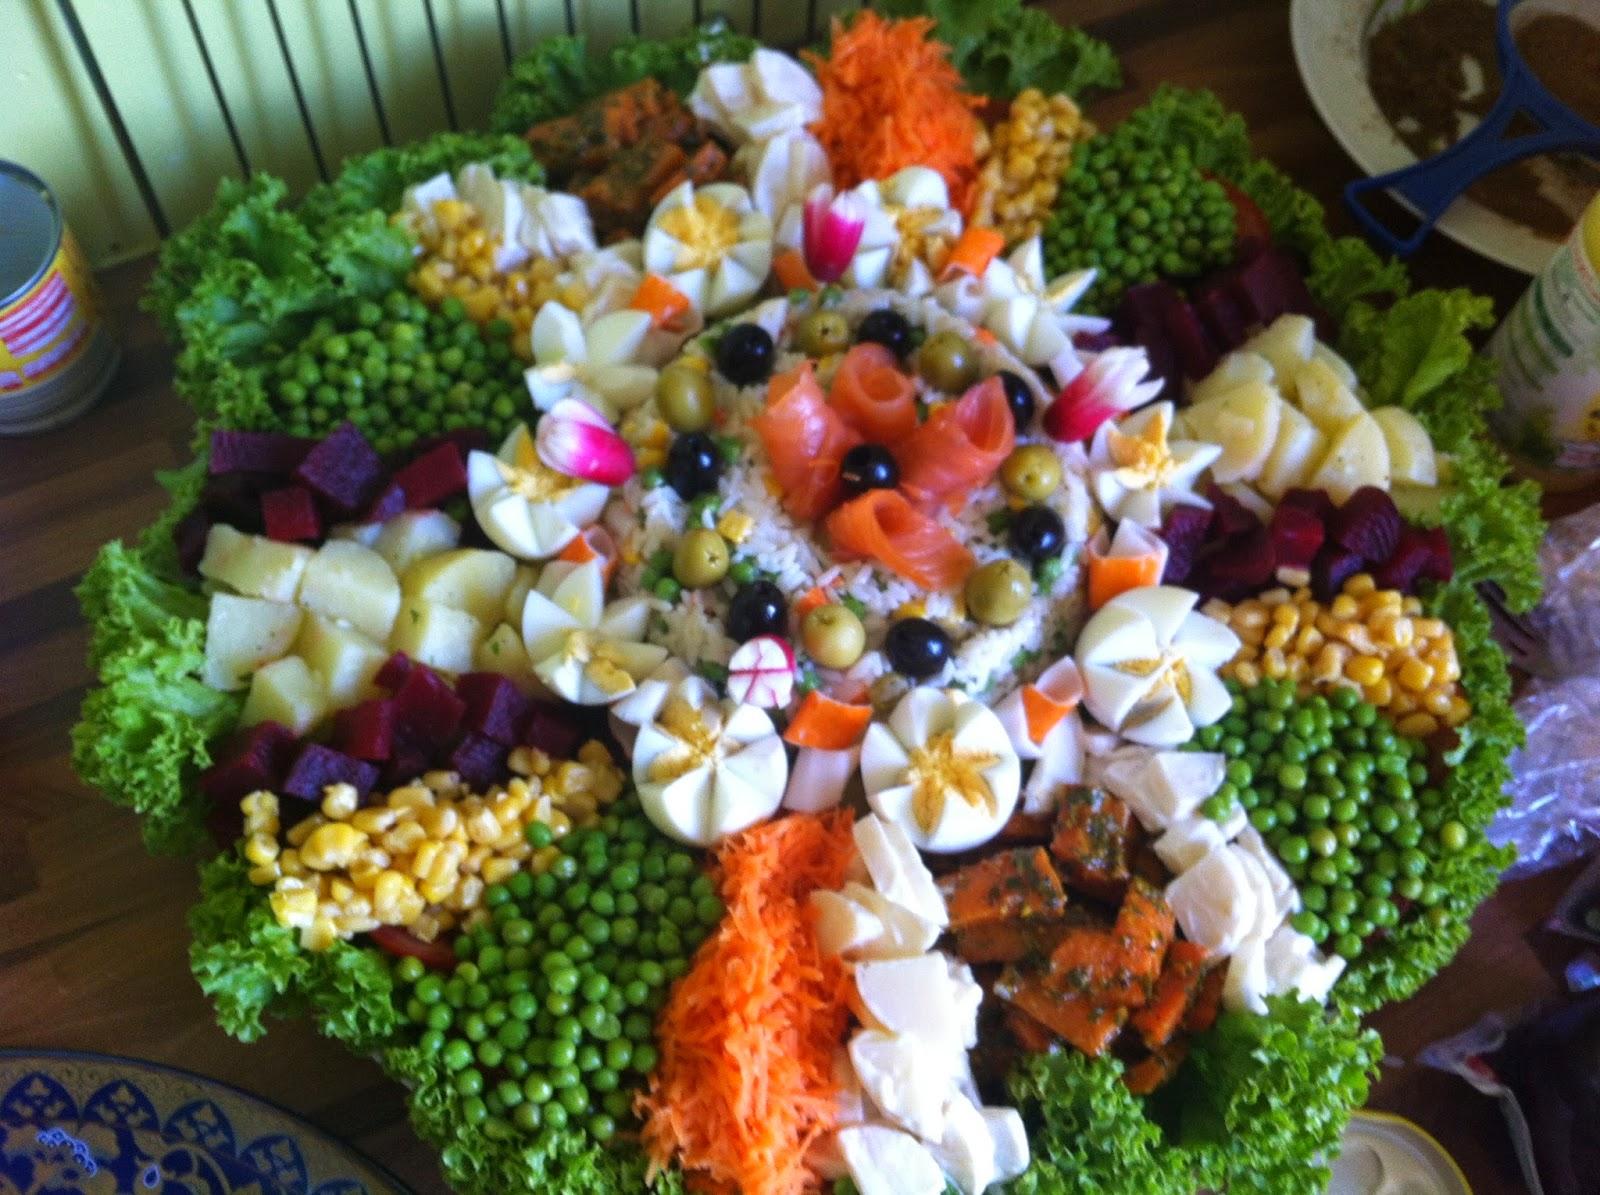 Traiteur traditionnelle et oriental linselles traiteur - Blog de cuisine orientale ...